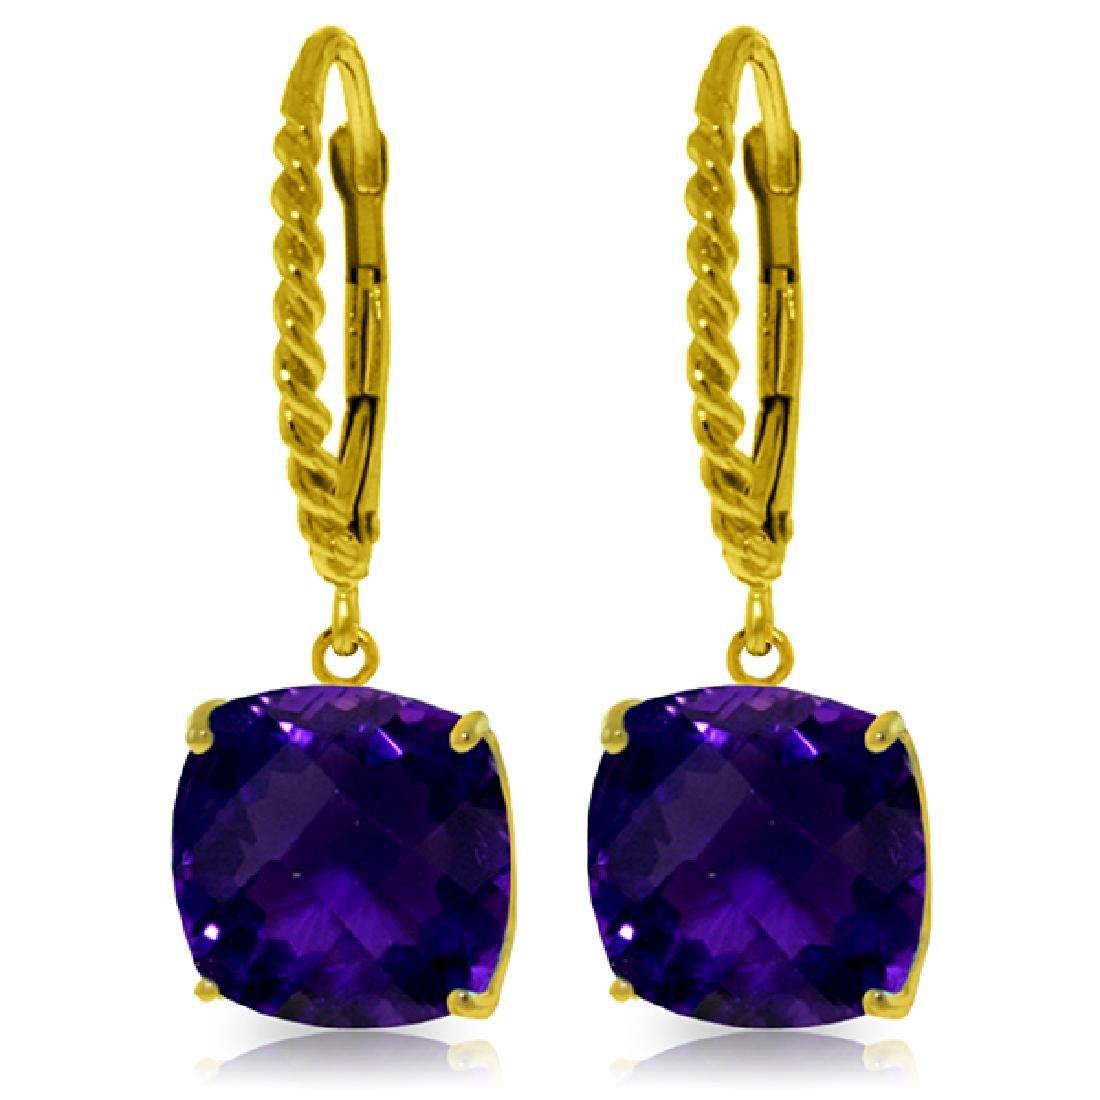 Genuine 7.2 ctw Amethyst Earrings Jewelry 14KT Yellow